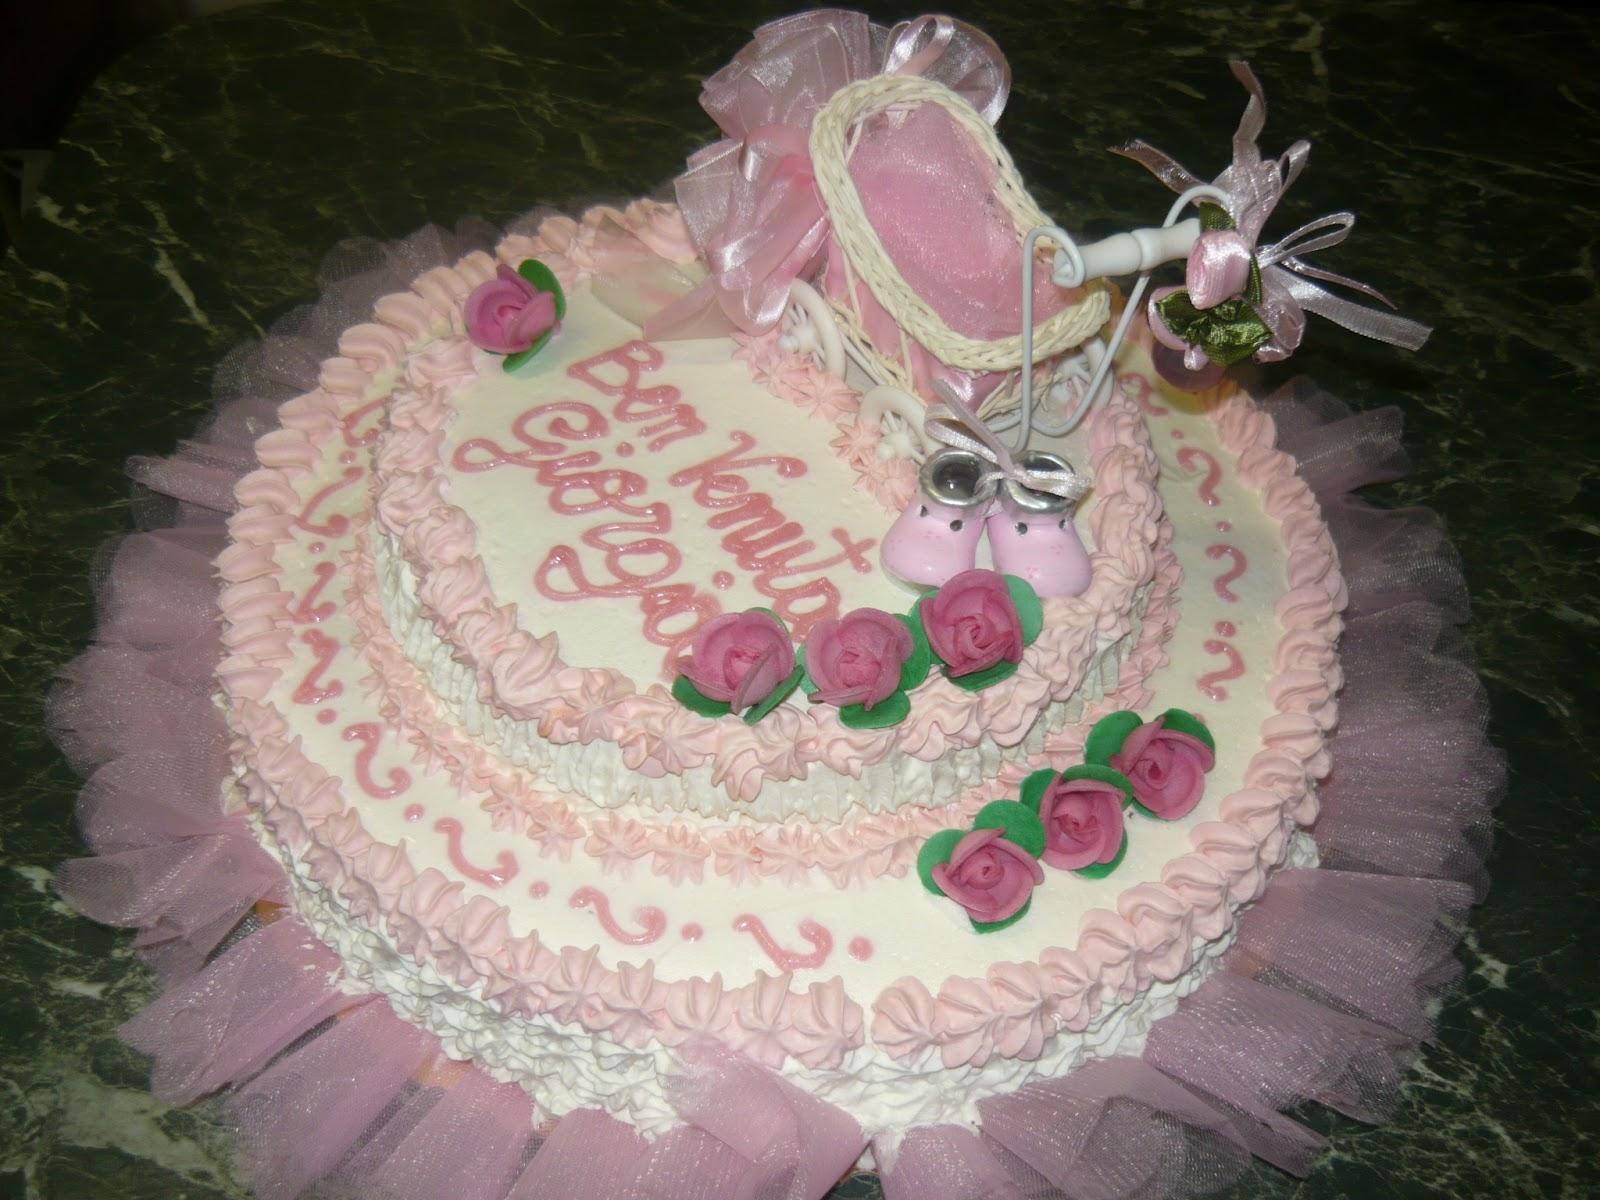 La cucina di simonetta torte di compleanno - La cucina di sara torte ...